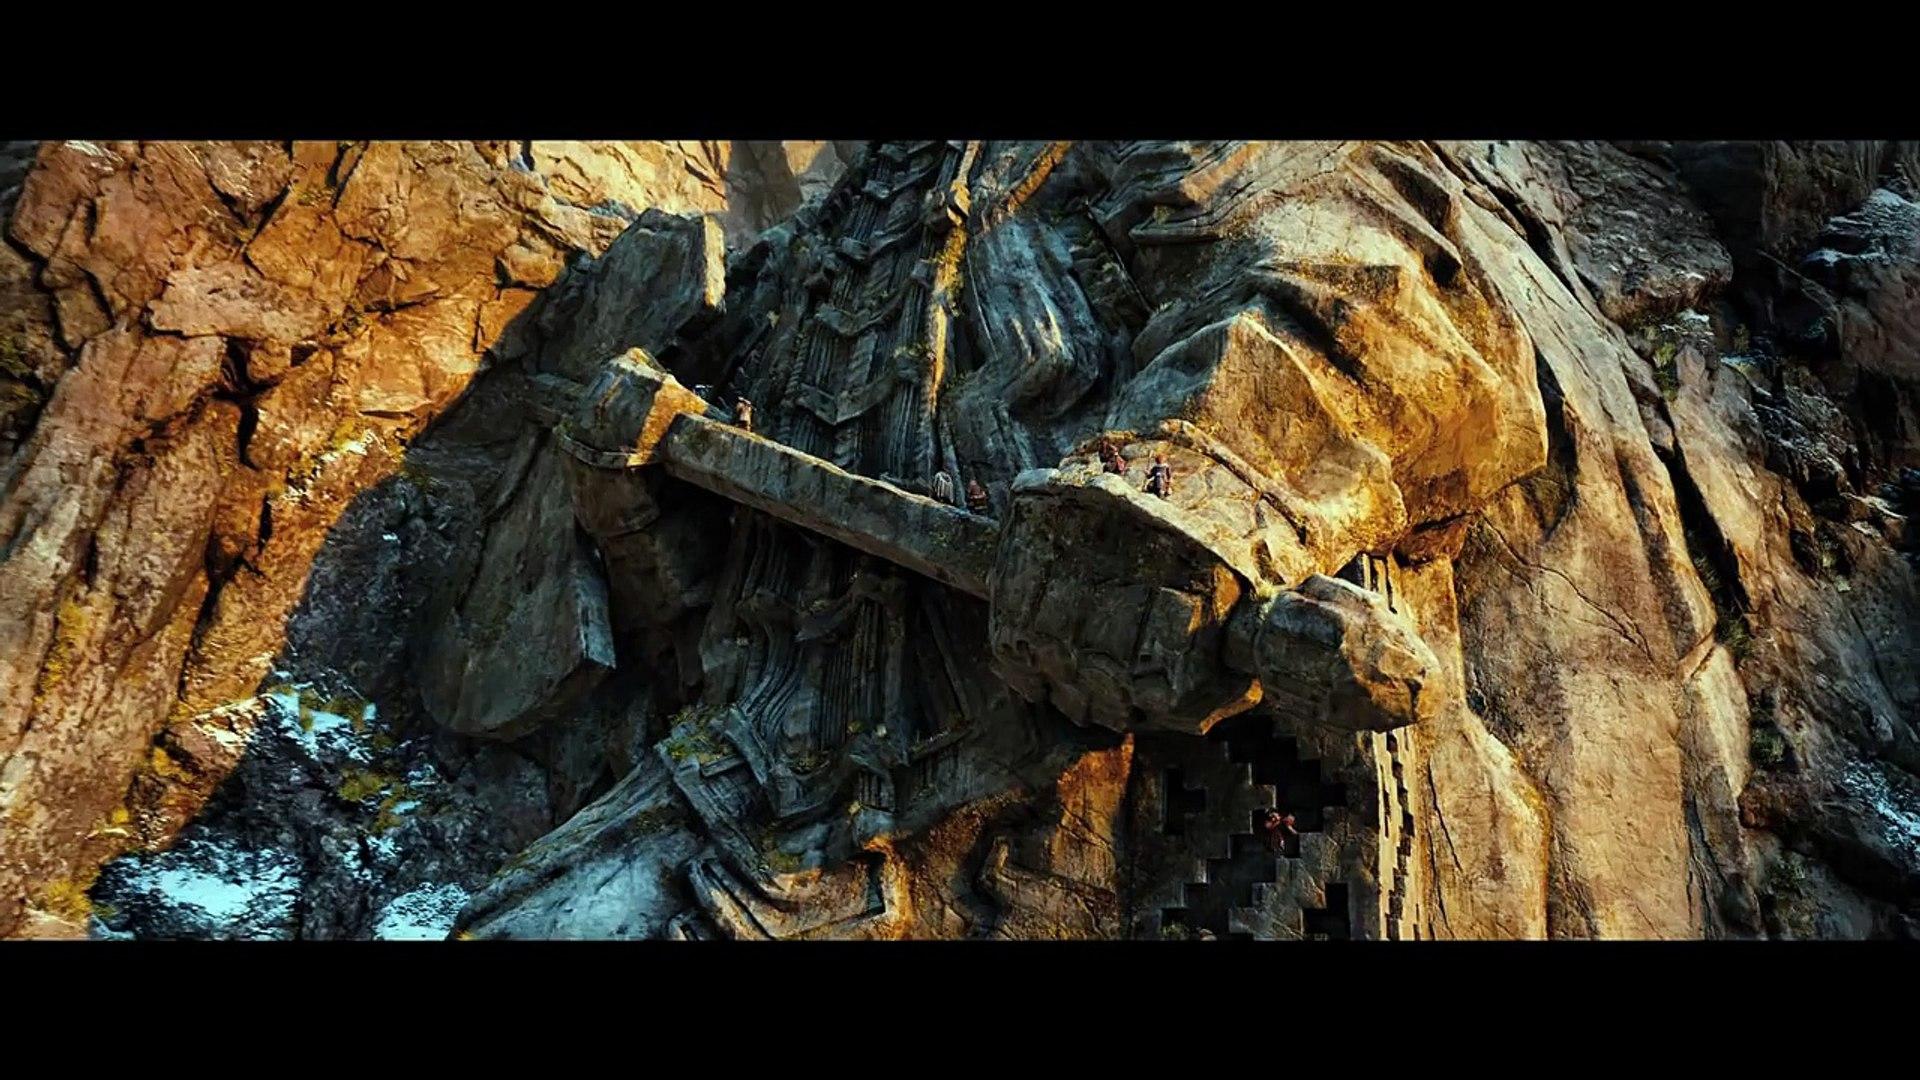 Hobbit 2 Official Fragman izle full